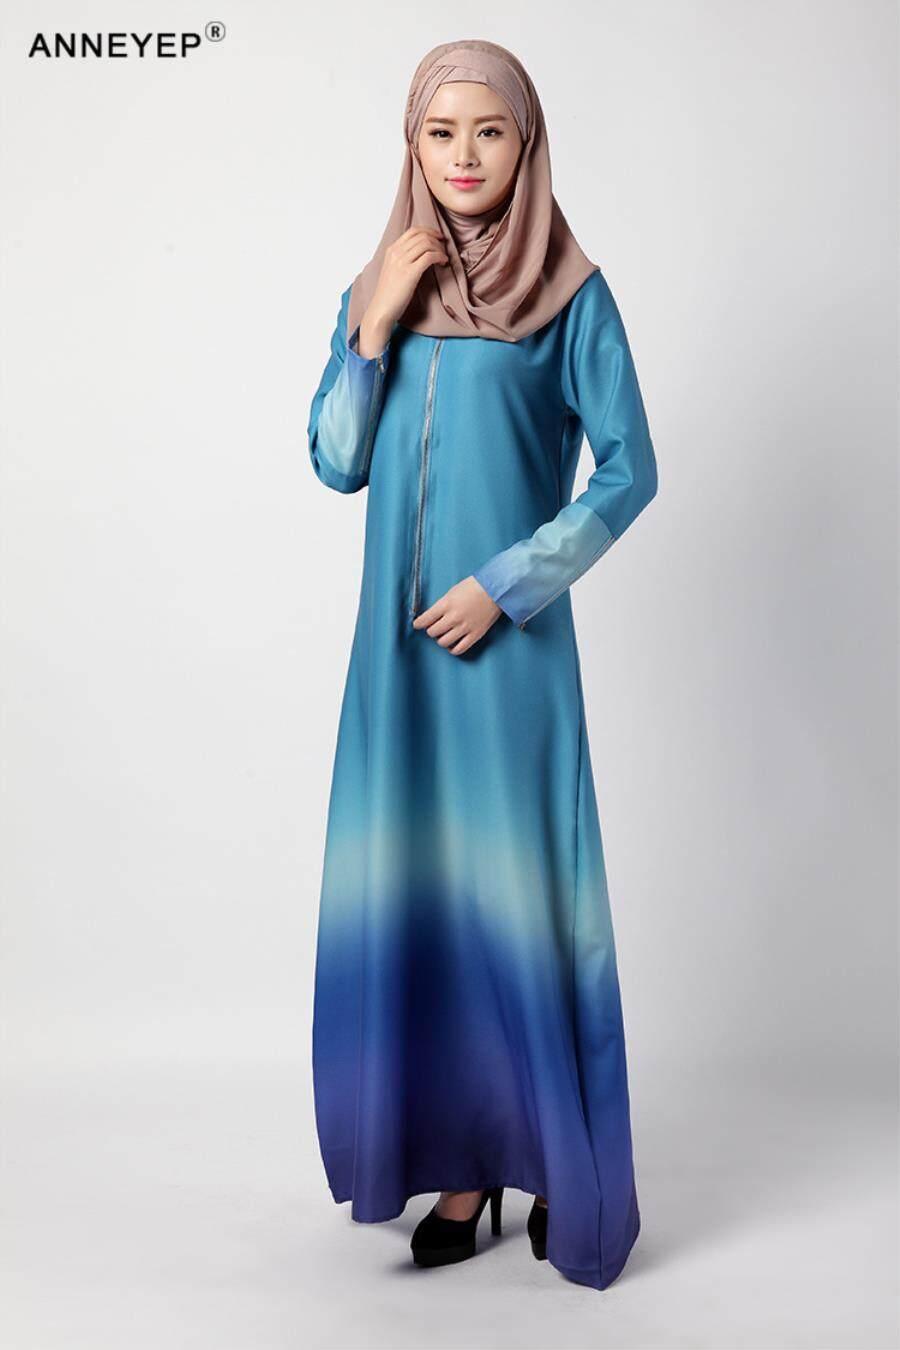 2018 Muslim Dress Summer New Dress Malaysia Rainbow Dress 034 - intl